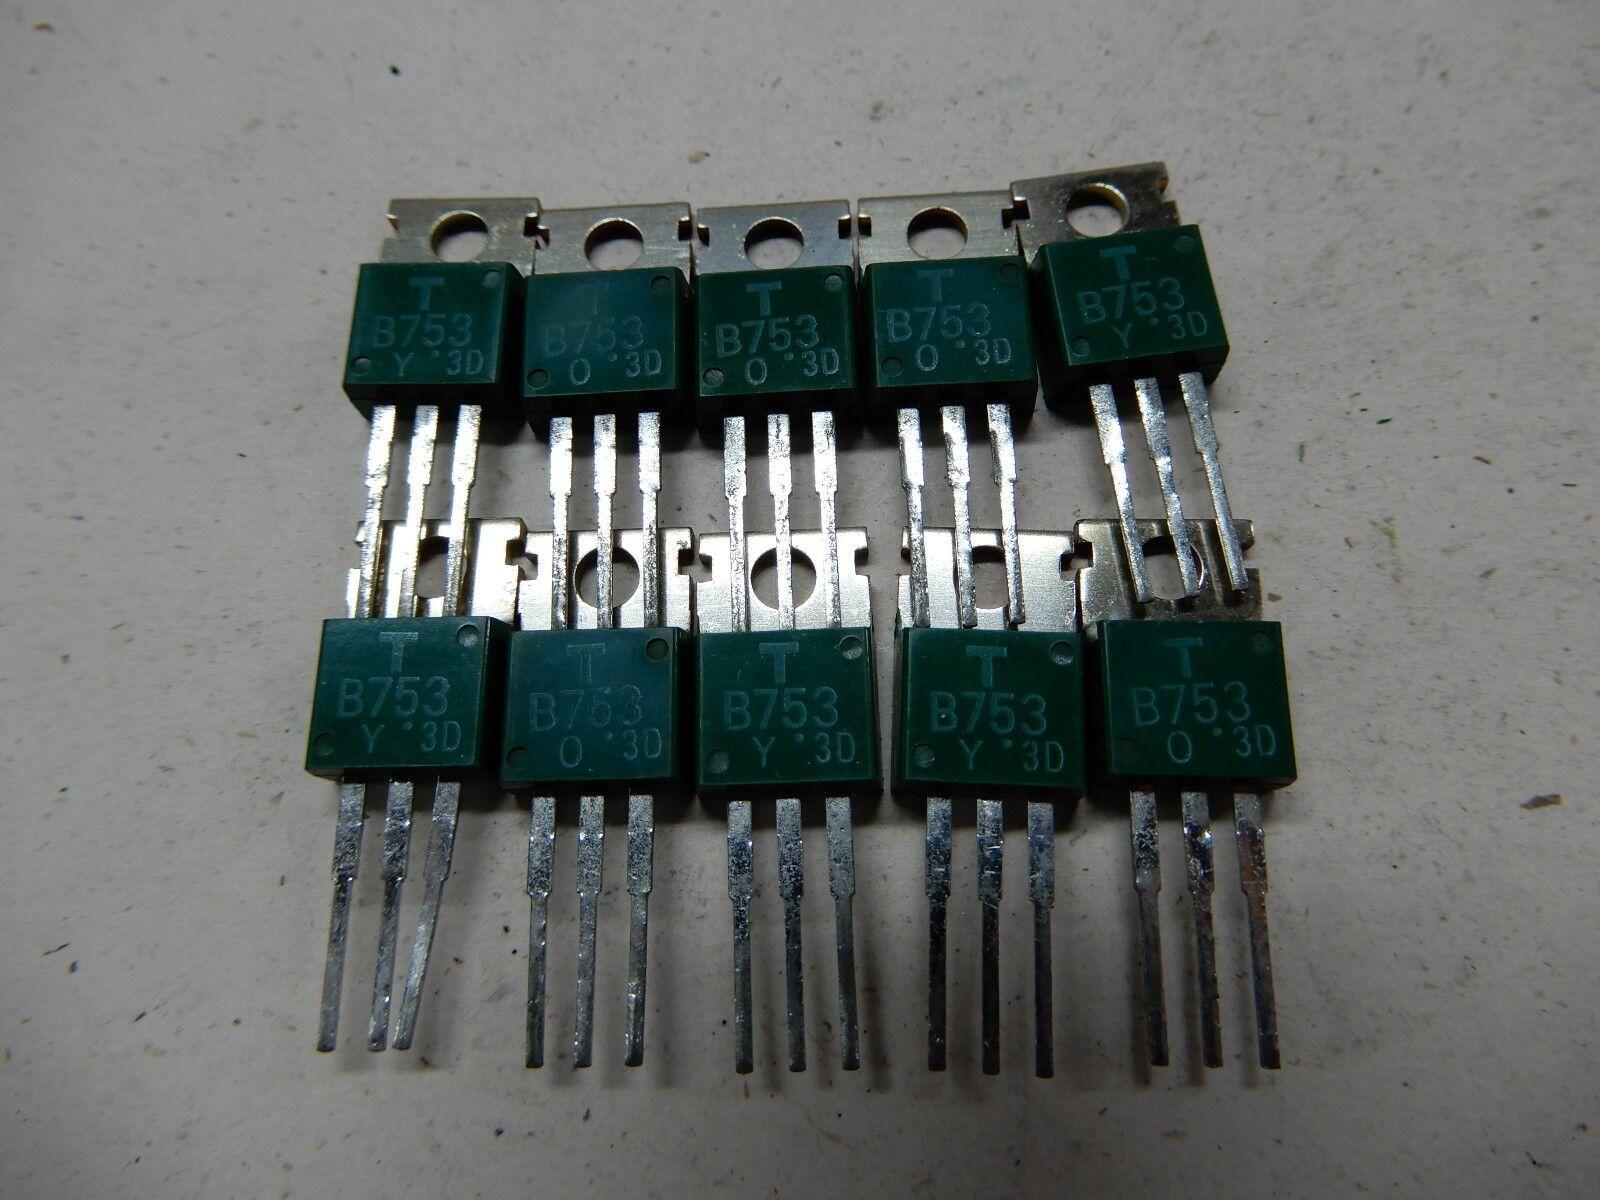 Toshiba Green B753 SB753 Transistor Lot of 10 NOS BGX